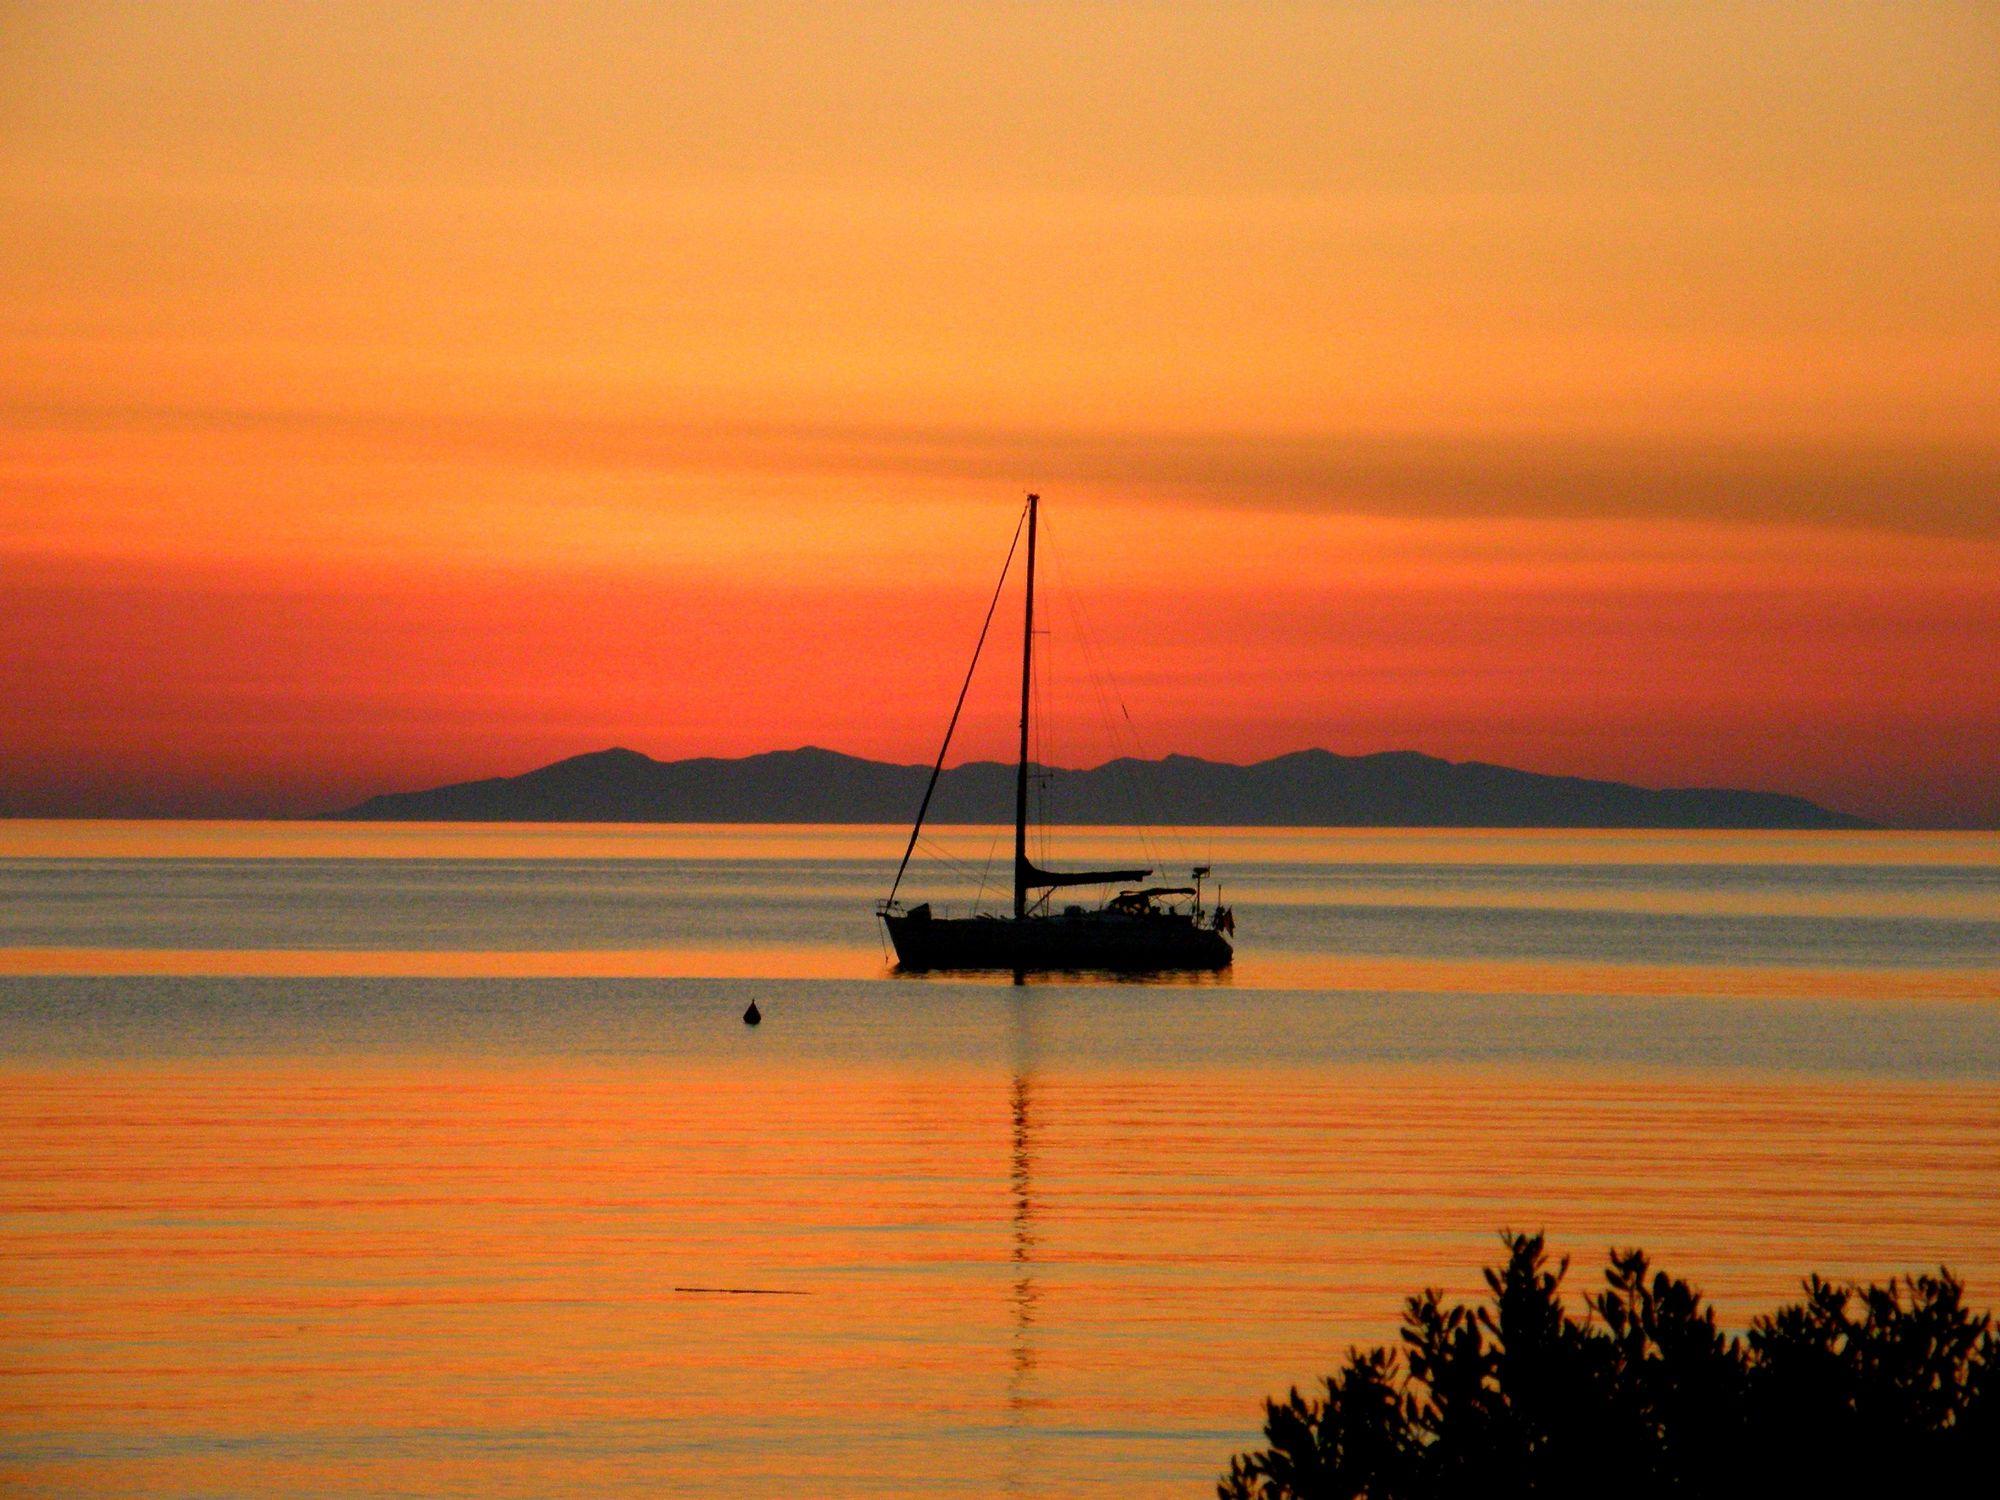 Bild mit Sonnenuntergang, Segelboote, Sonnenaufgang, Segelboot, boot, Boote